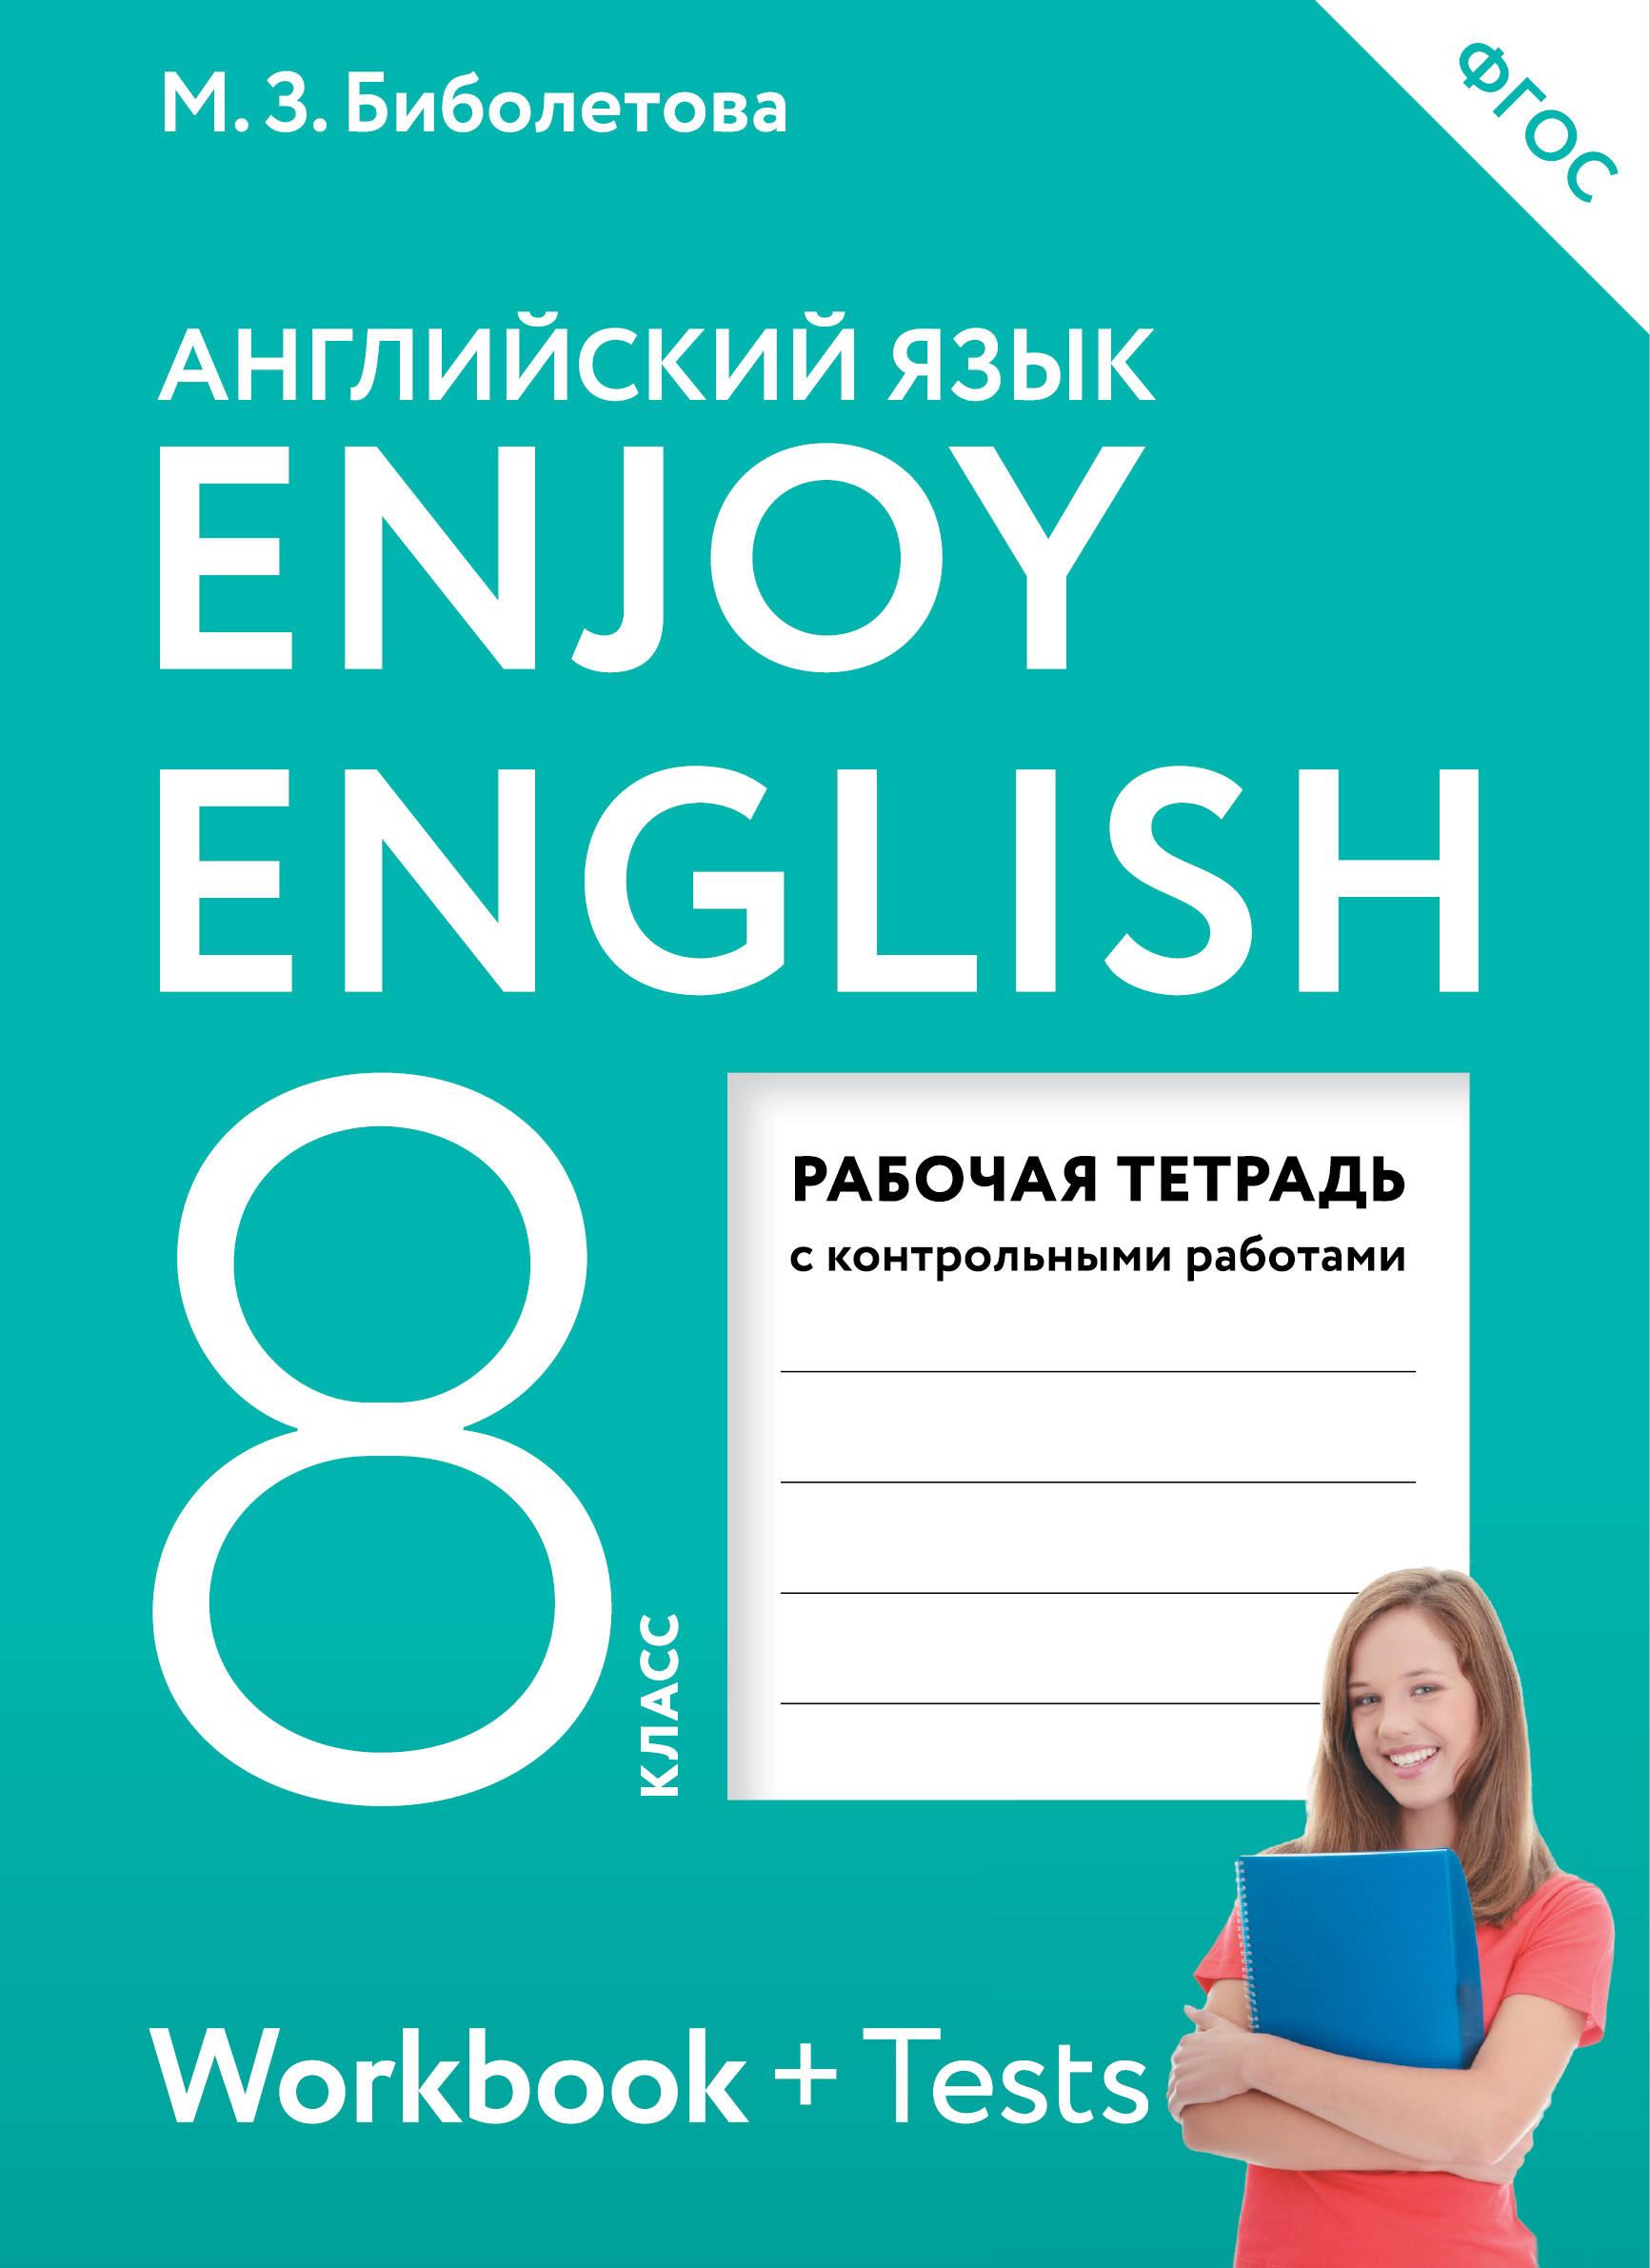 Enjoy English/Английский с удовольствием. 8 класс. Рабочая тетрадь, Биболетова Мерем Забатовна